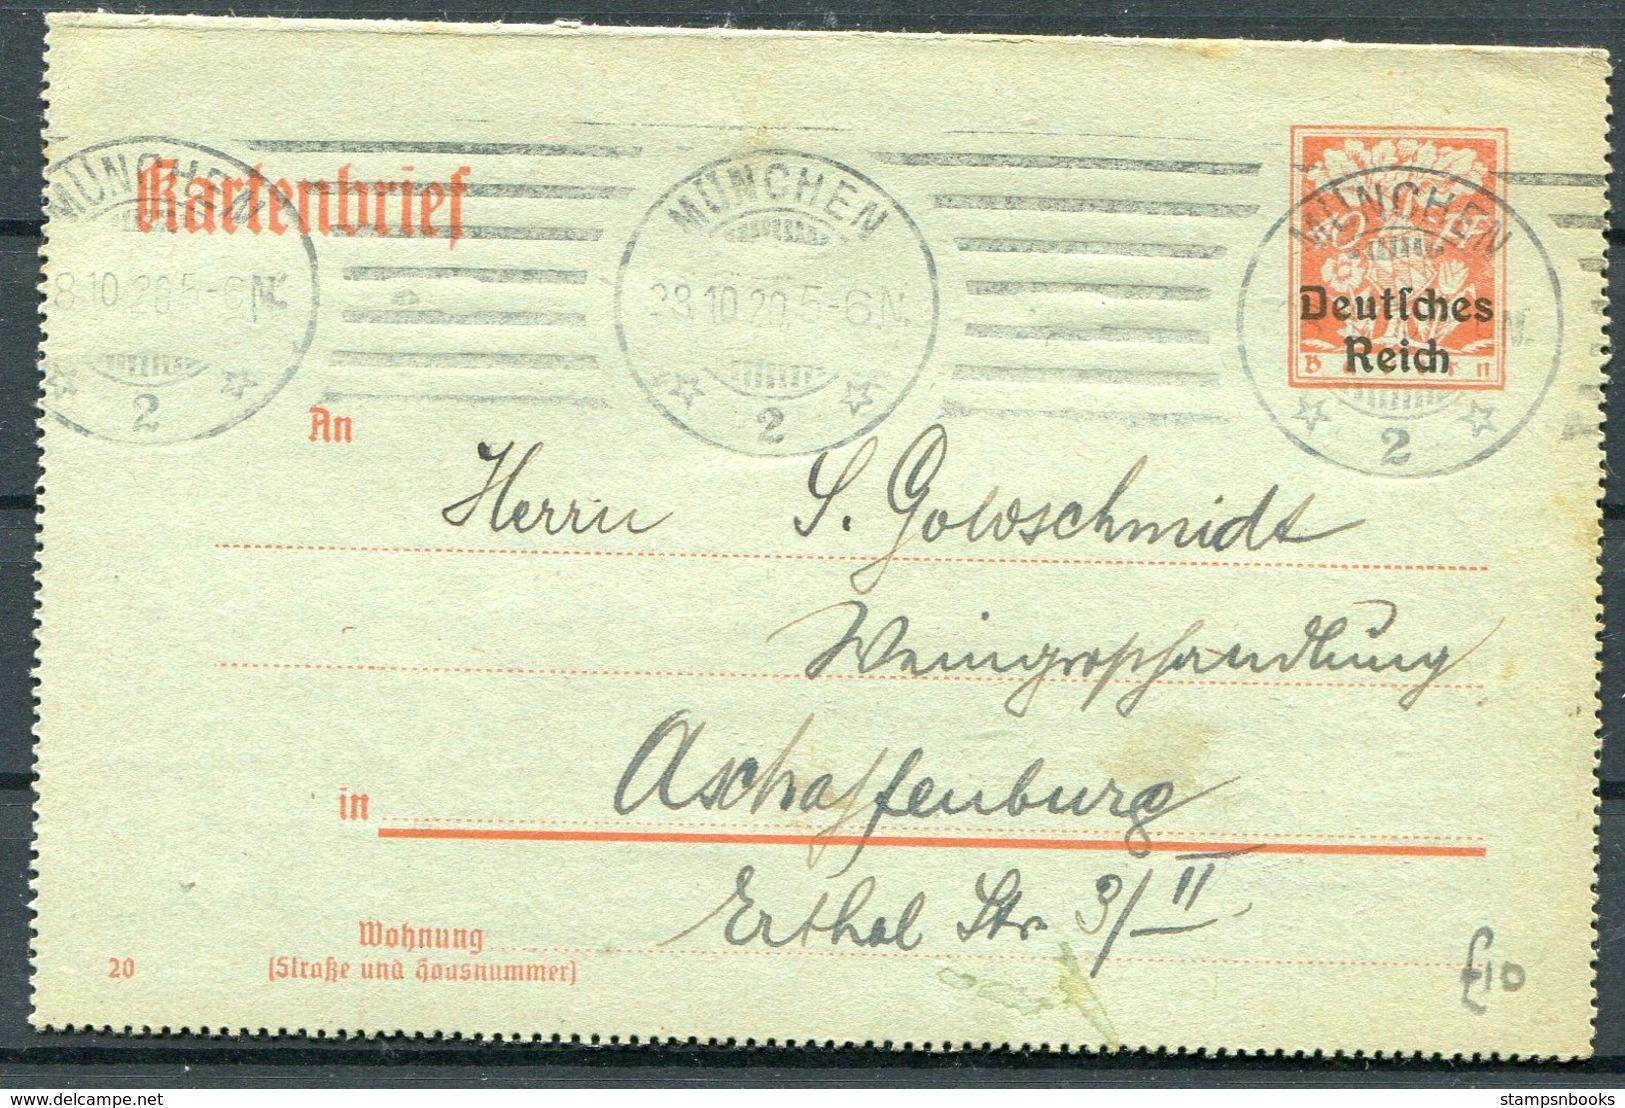 1920 Deutsches Reich / Bayern Overprint Kartenbrief Lettercard Stationery. Goldschmidt Muchen Judaica - Allemagne